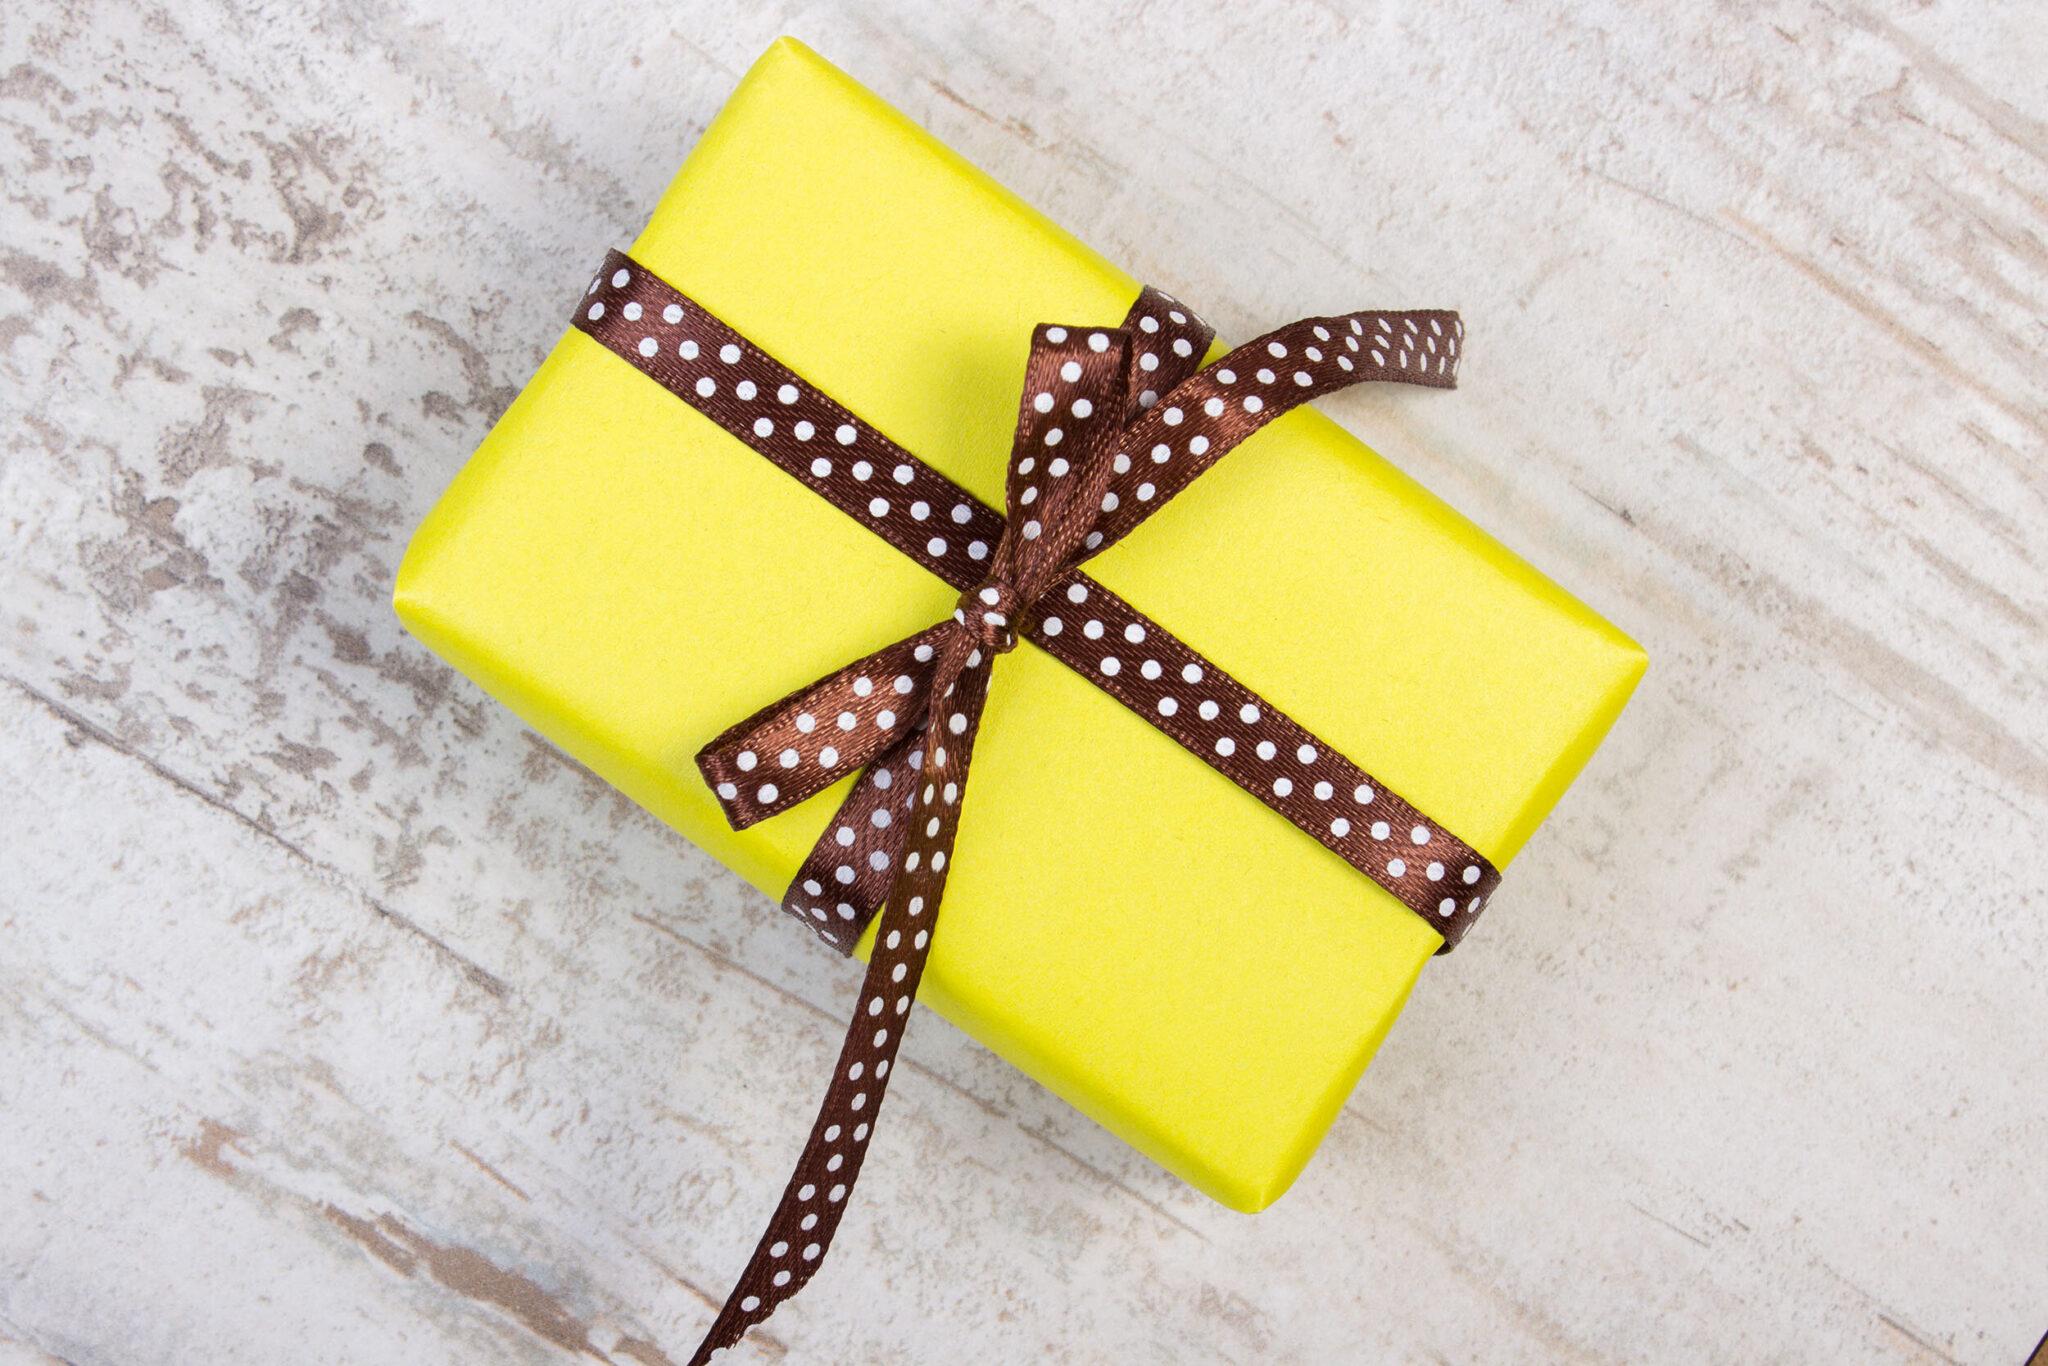 What gift do I get my boyfriend?